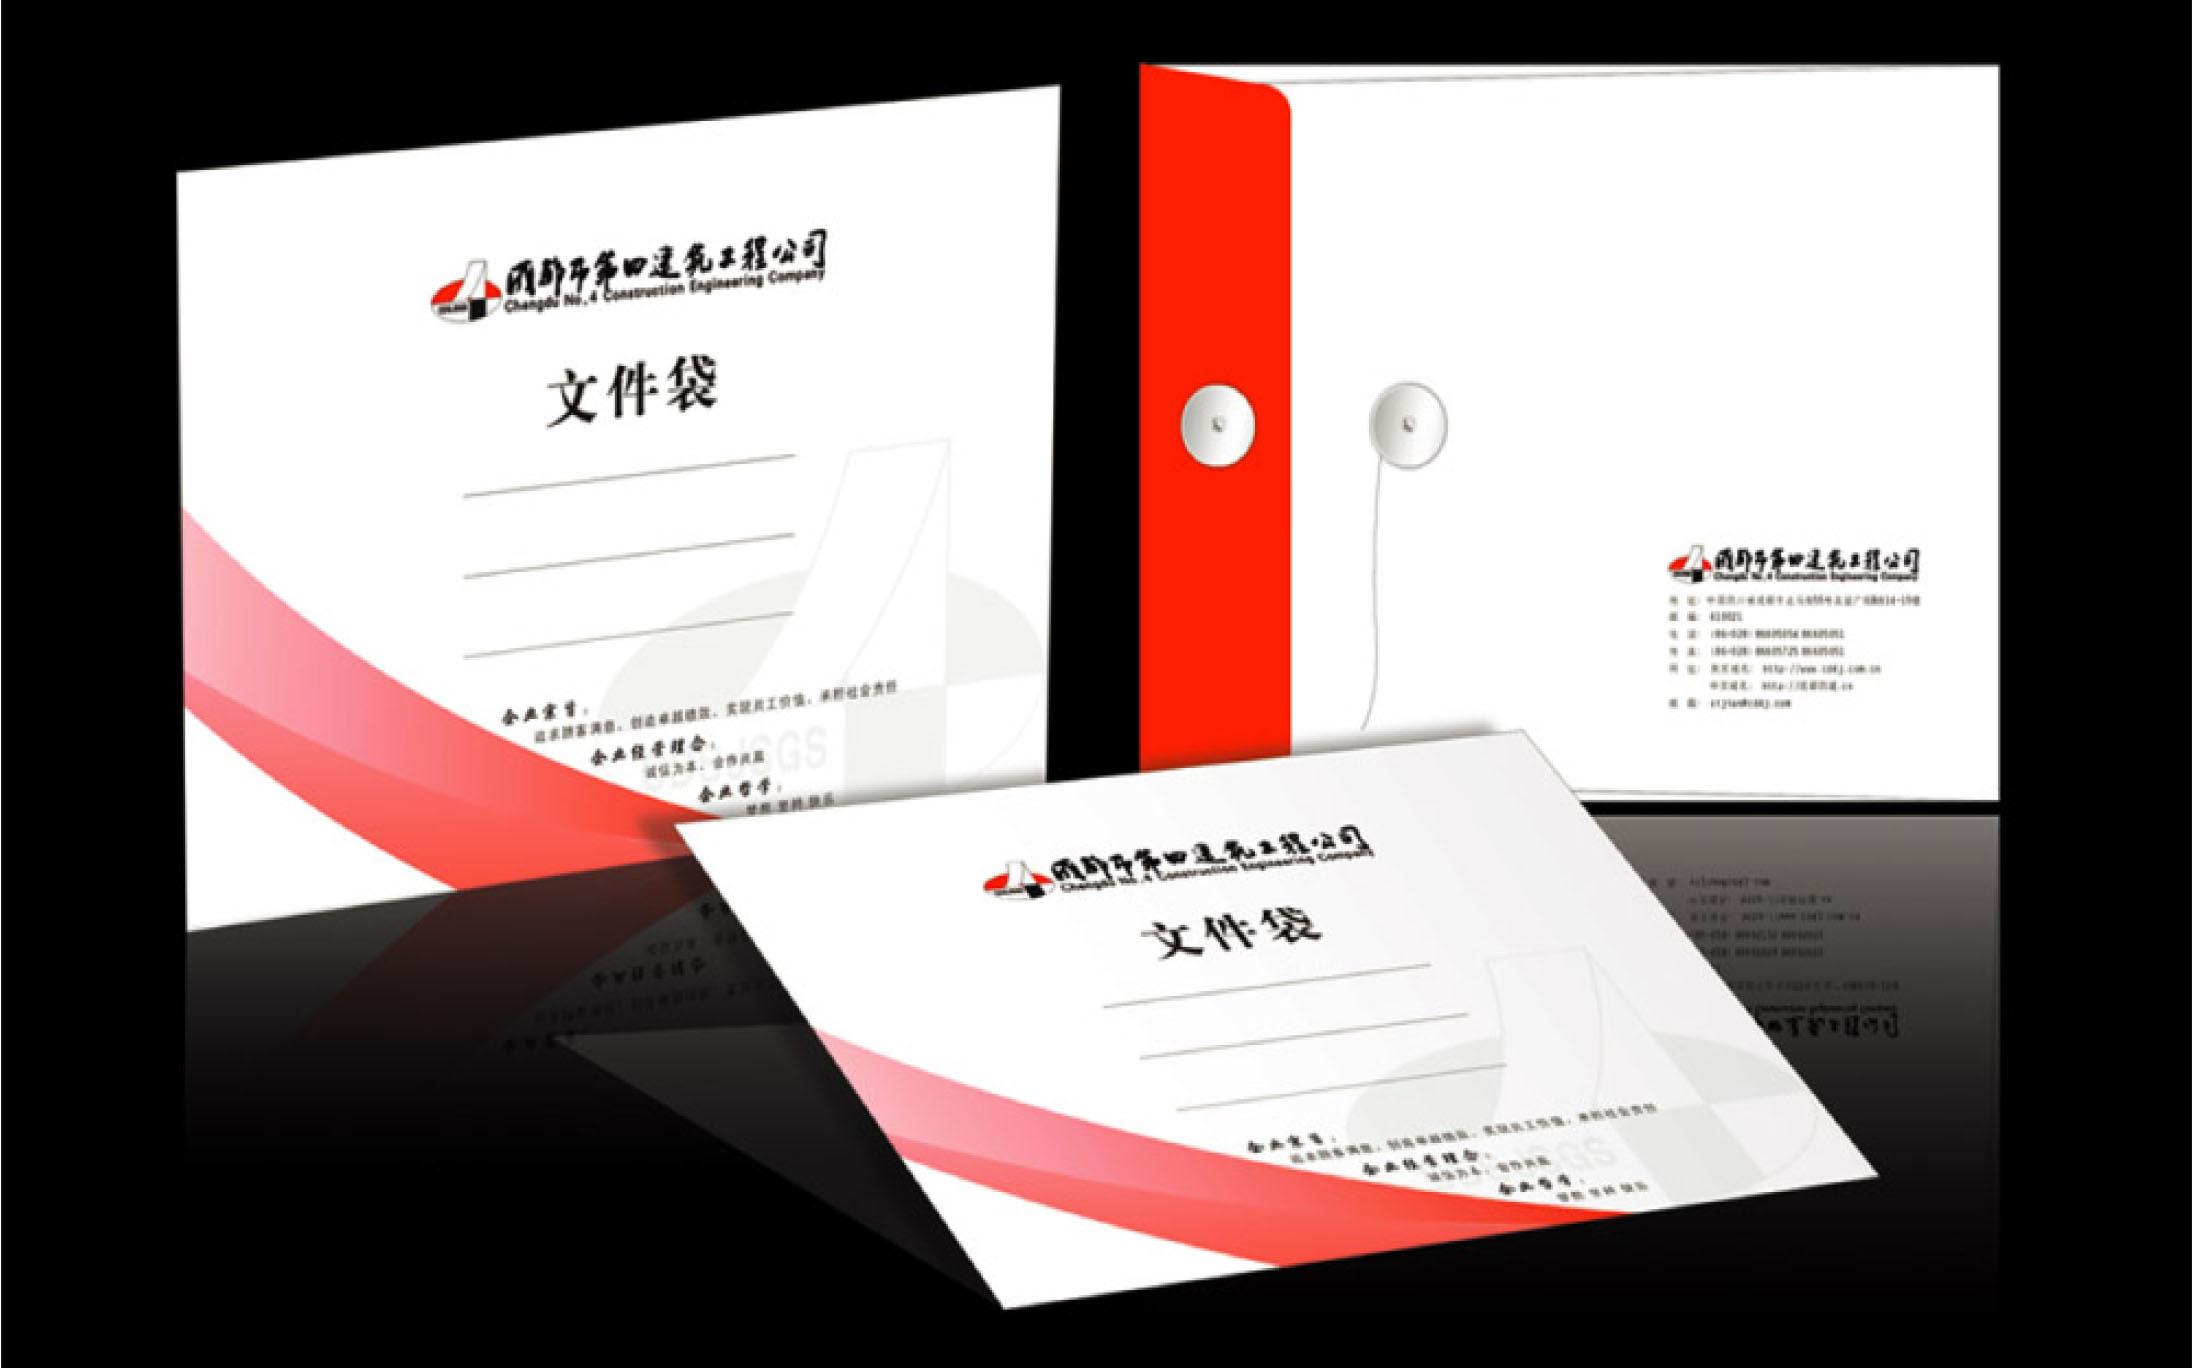 档案袋 档案袋定制 档案袋加工 文件袋印刷 文件袋厂家直销 新疆文件袋厂家 文件袋批发